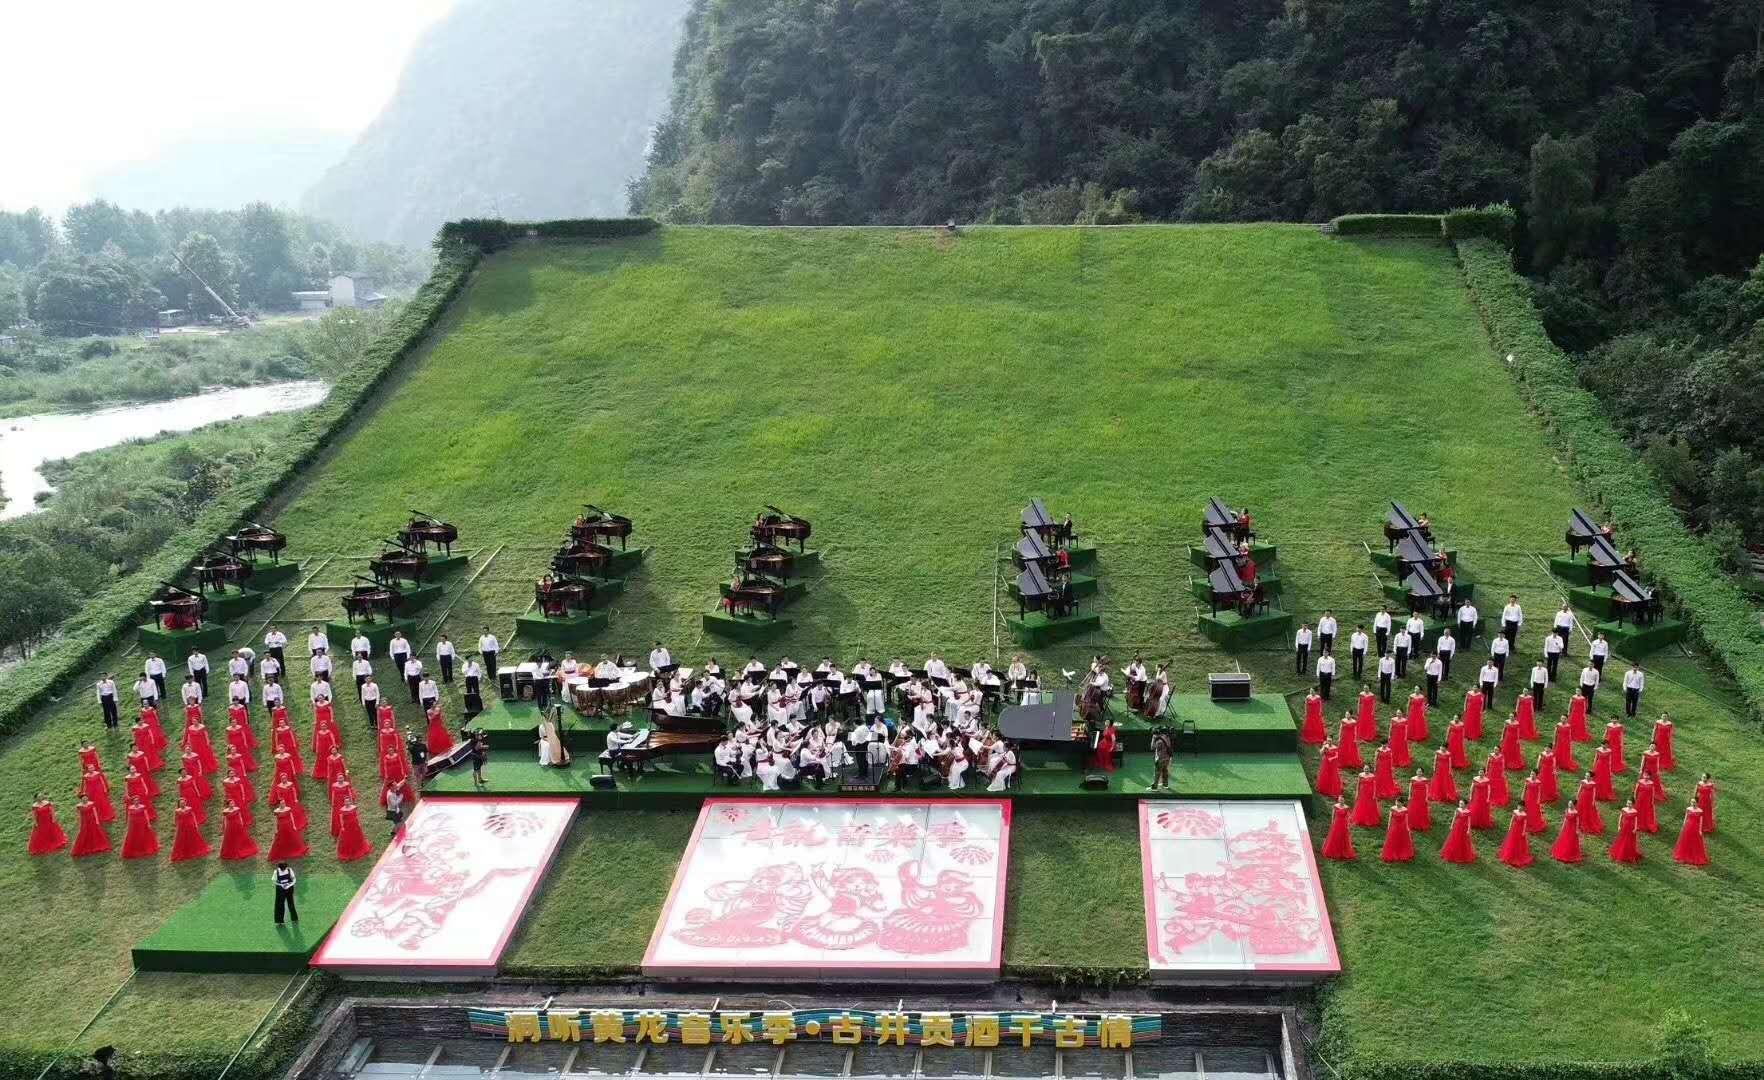 业内人士预计,音乐季期间将吸引10万人前来张家界武陵源风景名胜区